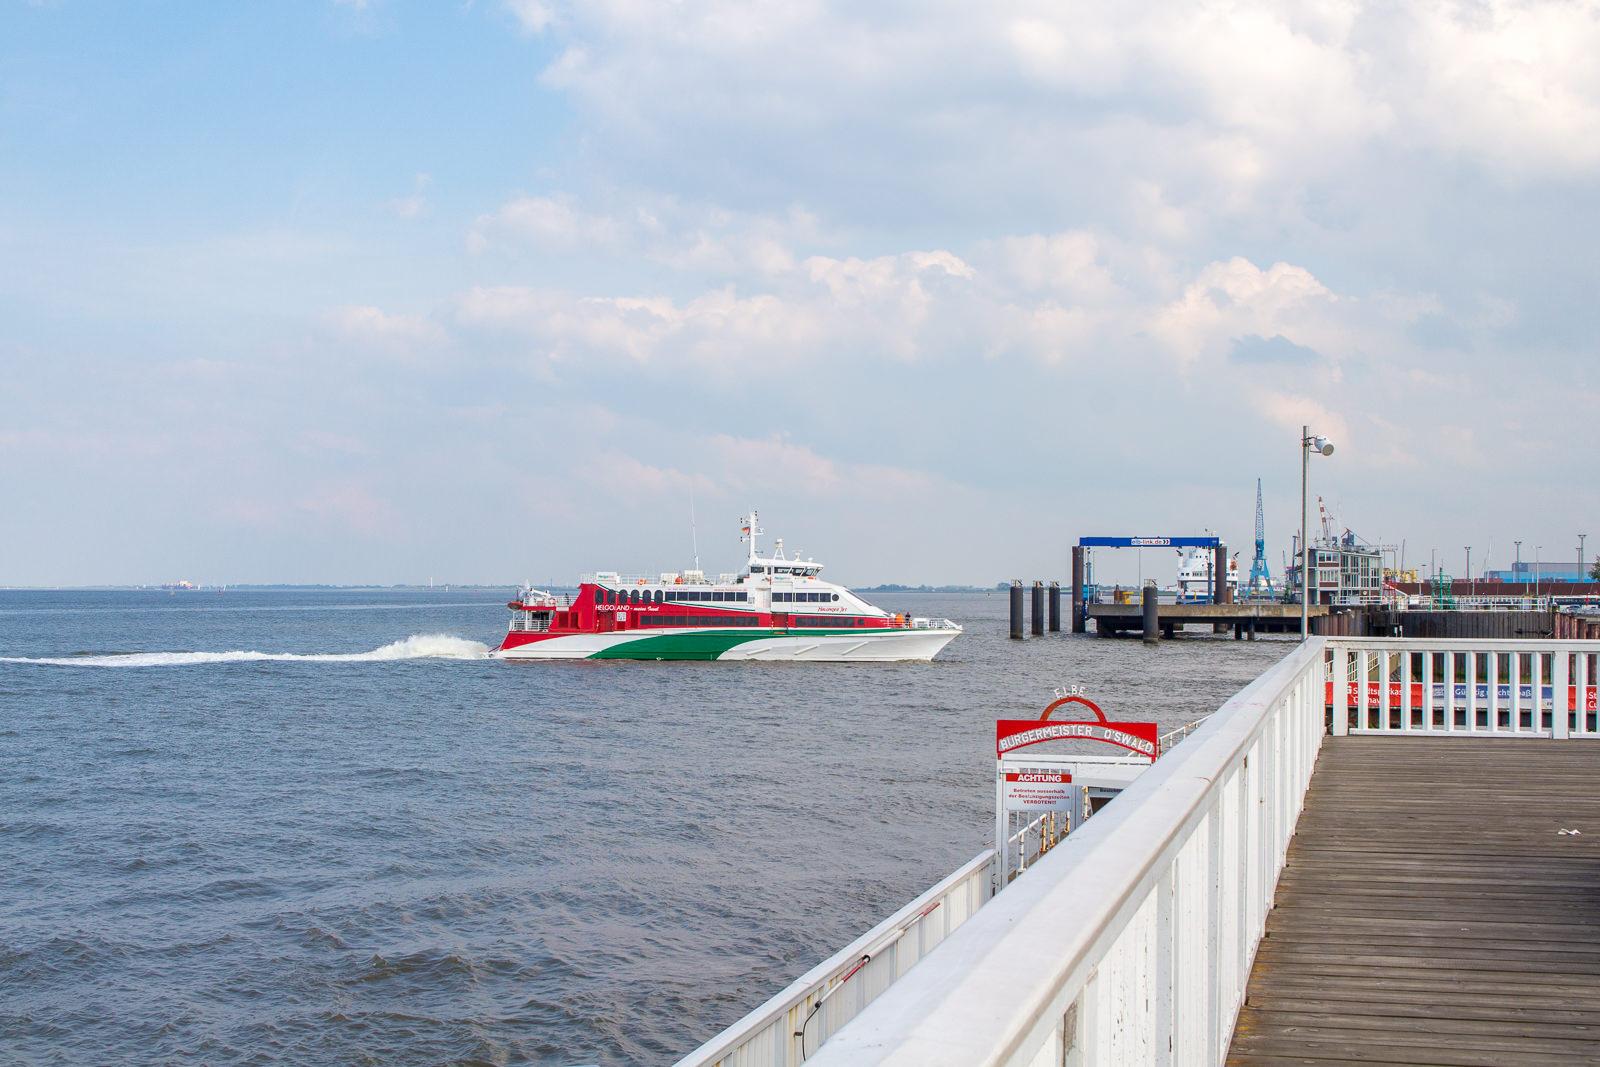 Cuxhaven: Maritime Erholung mit Alter Liebe, dicken Pötten und ...